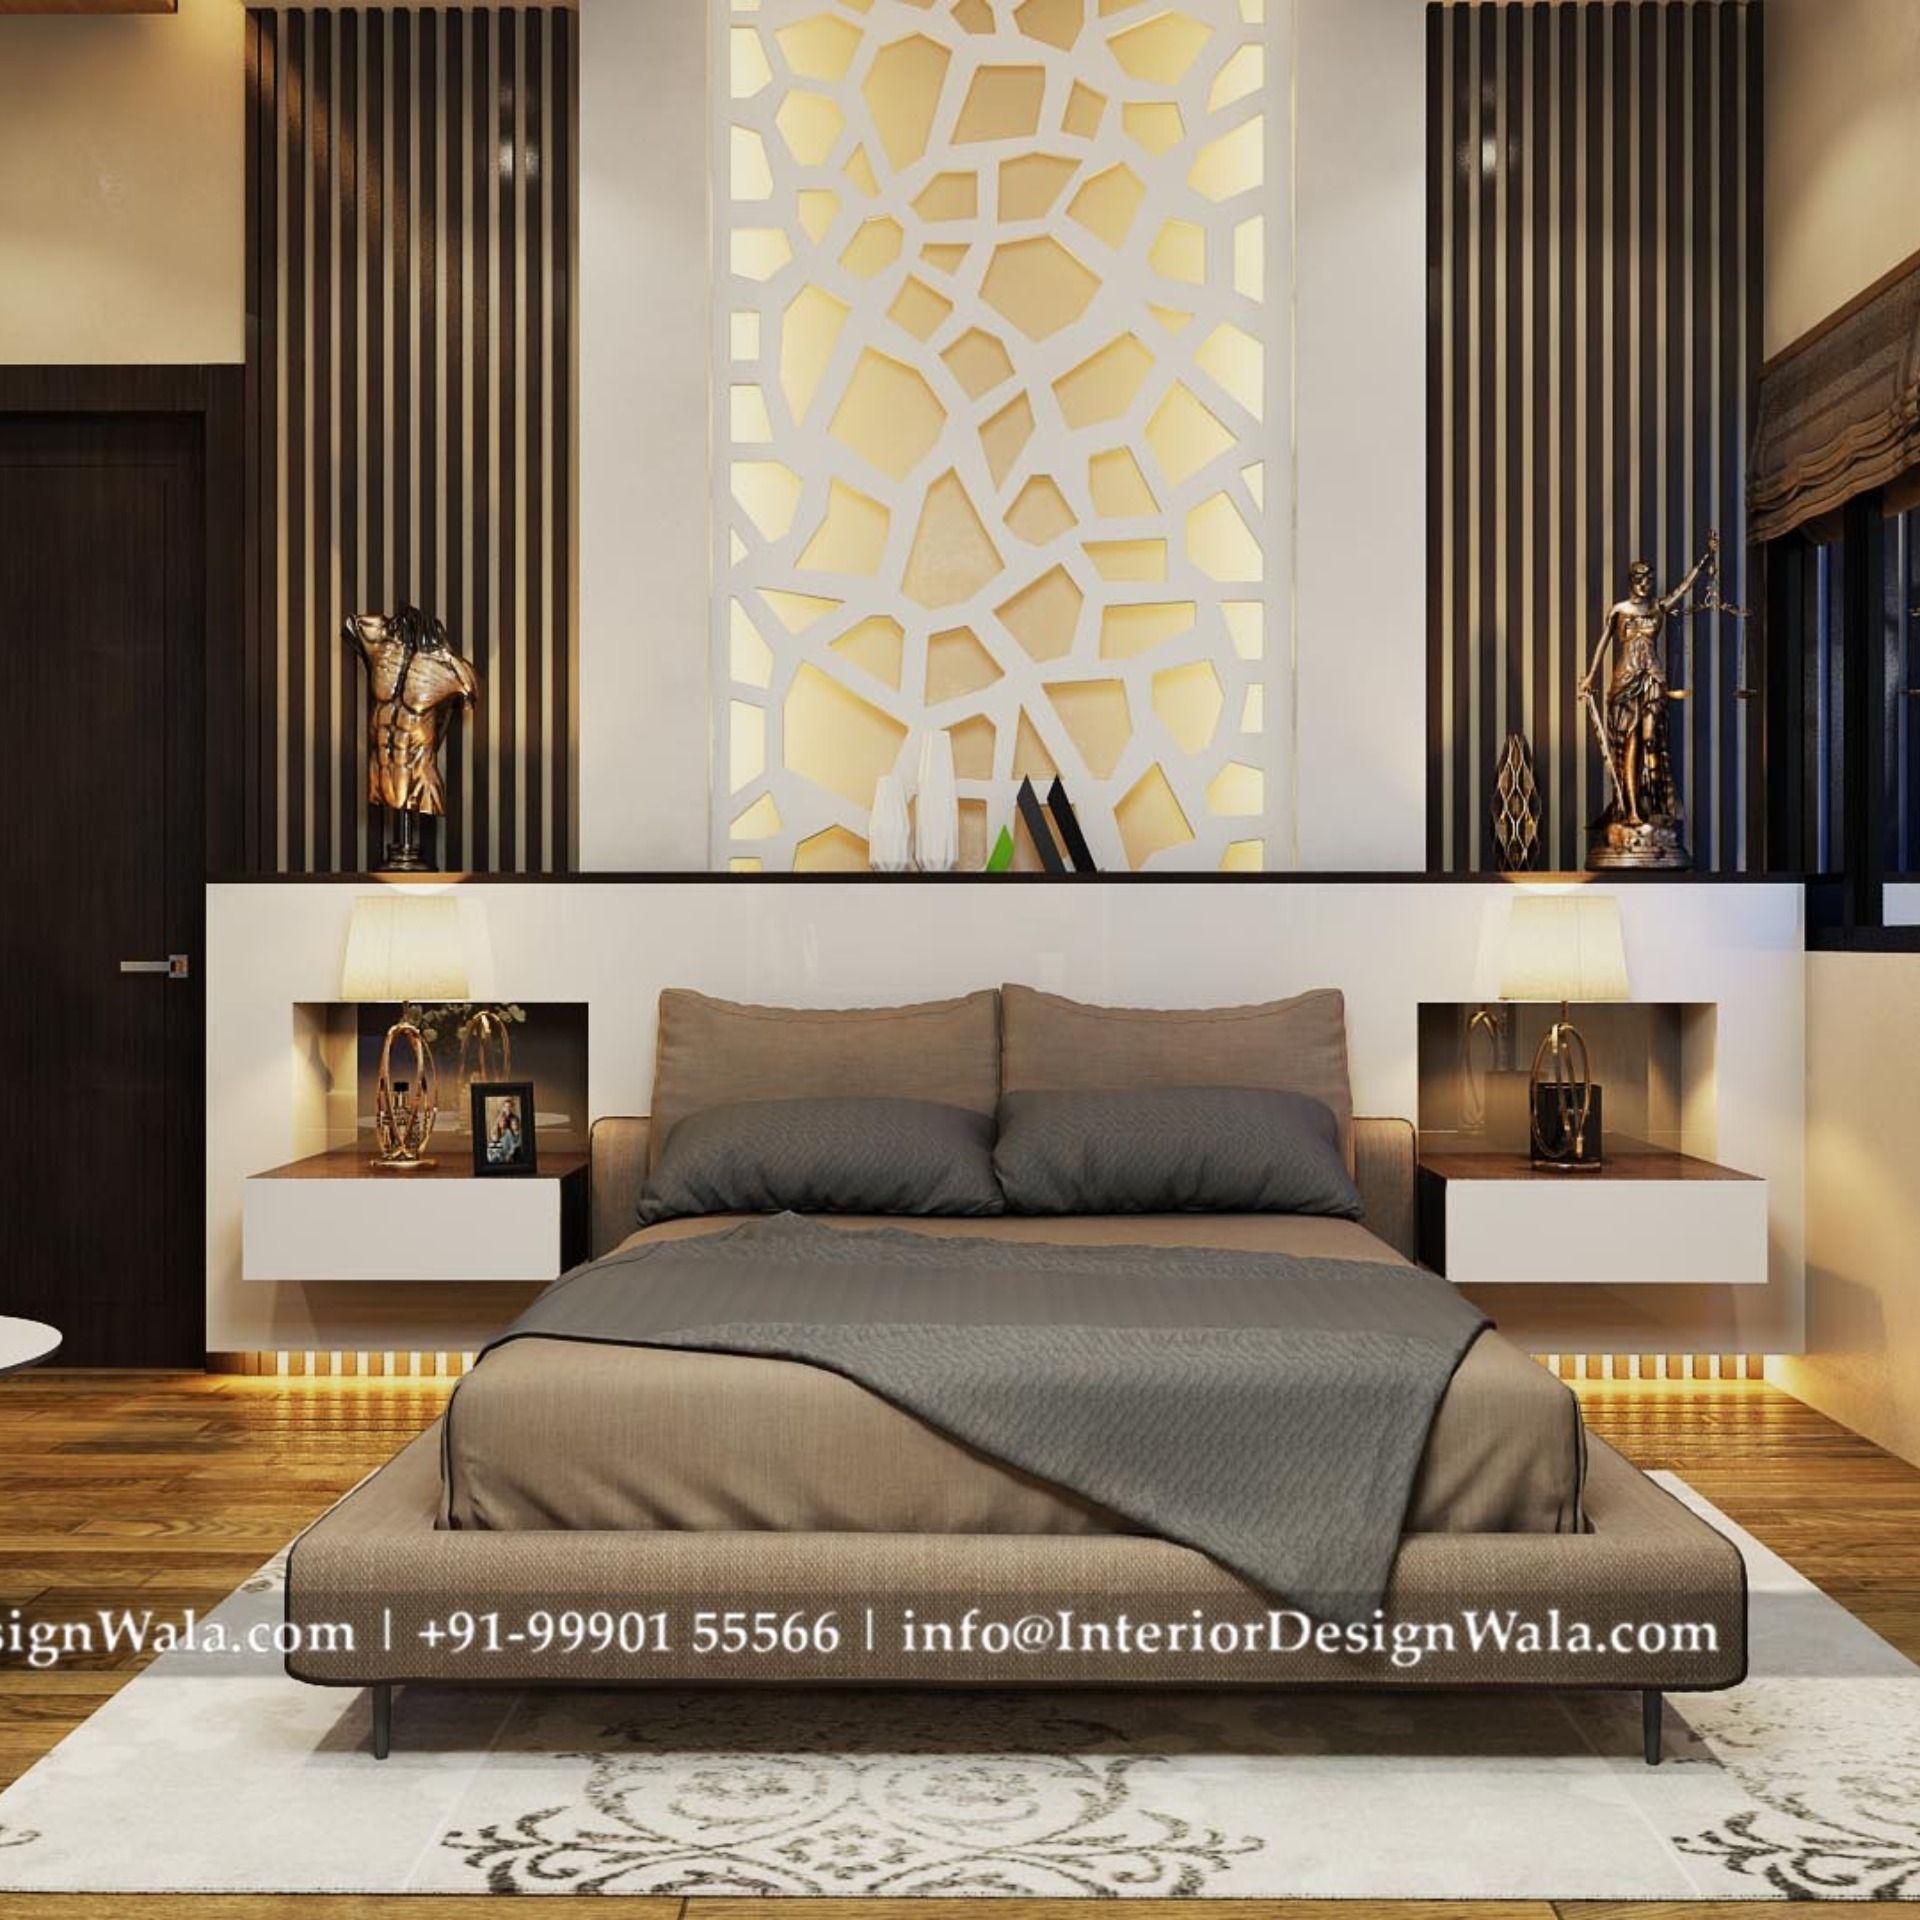 Modern Master Bedroom Interior Design And Back Paneling Master Bedroom Interior Design Luxury Master Bedroom Design Bedroom Interior Design Modern